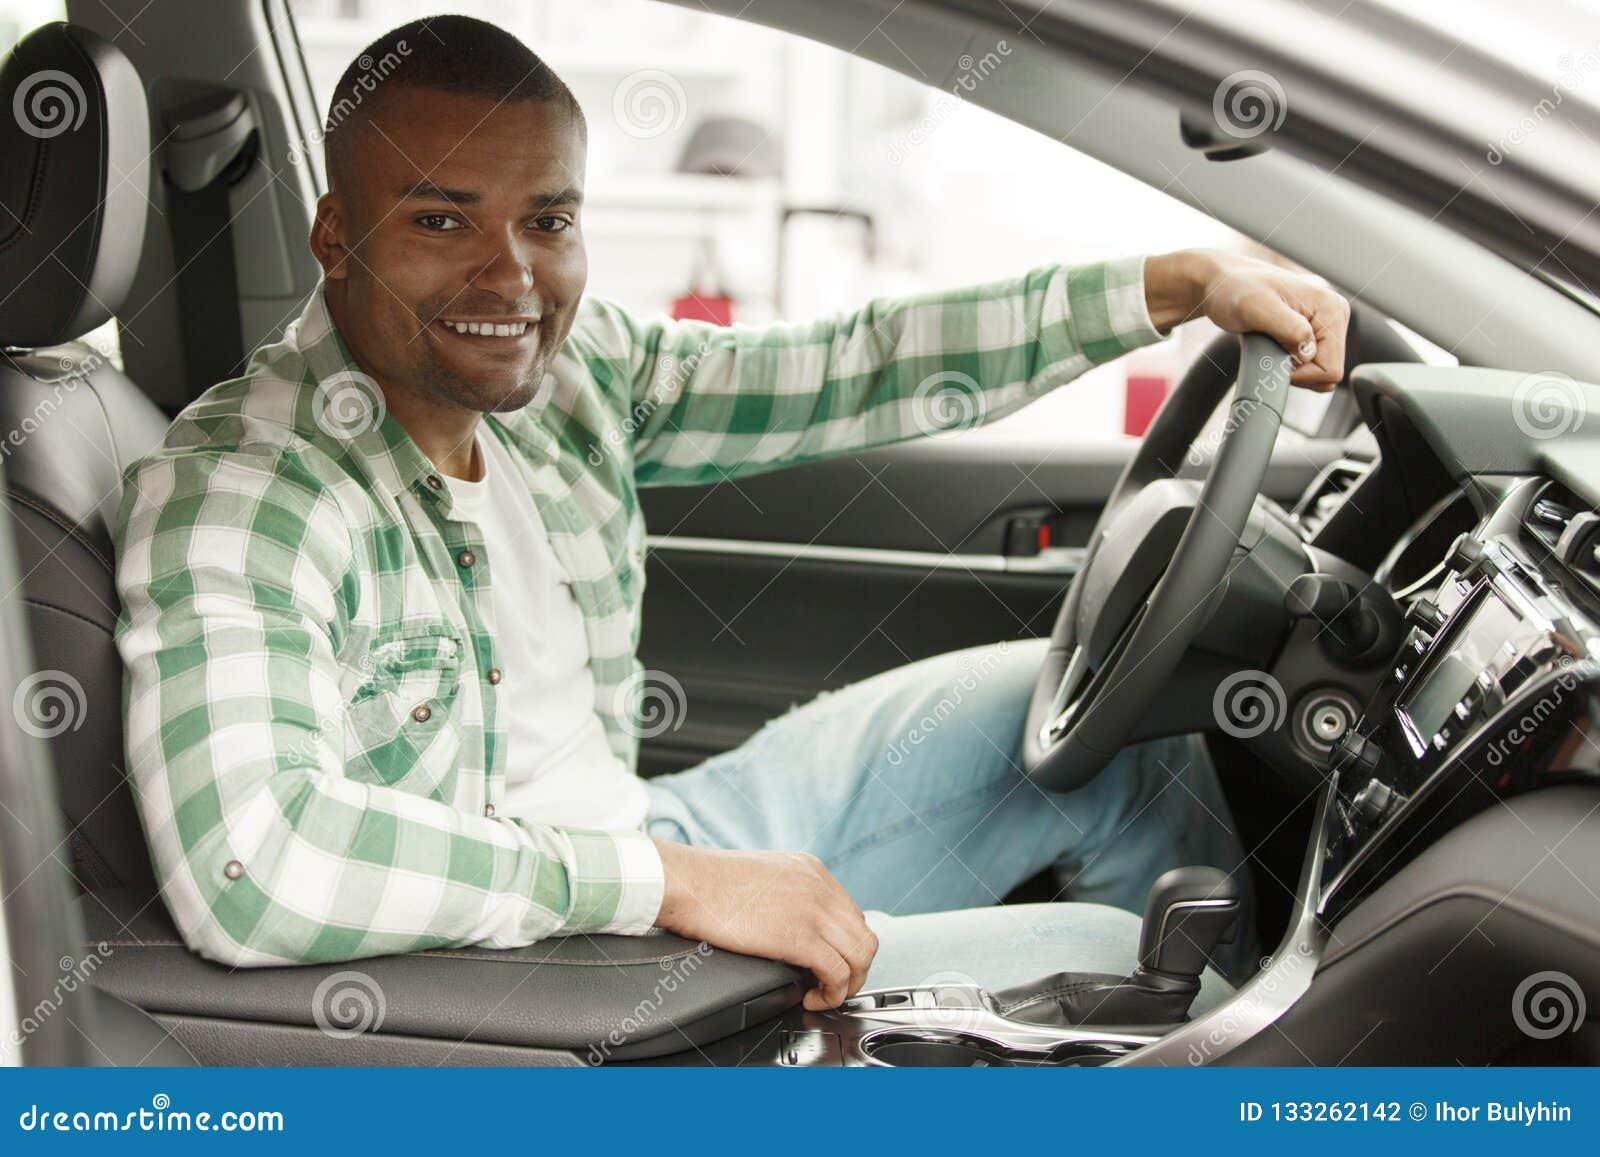 Όμορφο αφρικανικό άτομο που επιλέγει το νέο αυτοκίνητο στον αντιπρόσωπο